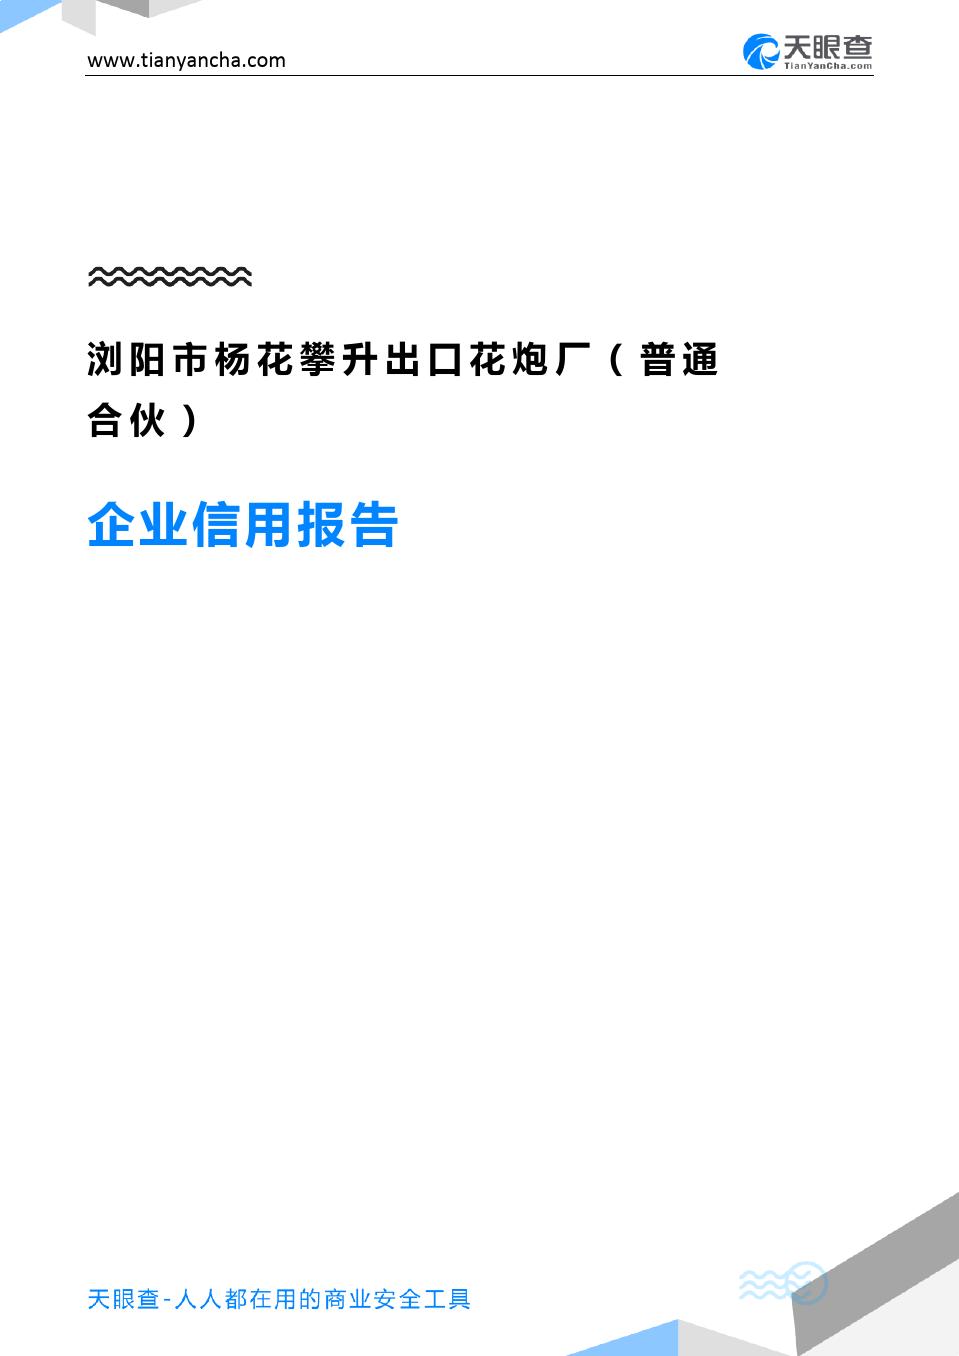 浏阳市杨花攀升出口花炮厂(普通合伙)(企业信用报告)- 天眼查